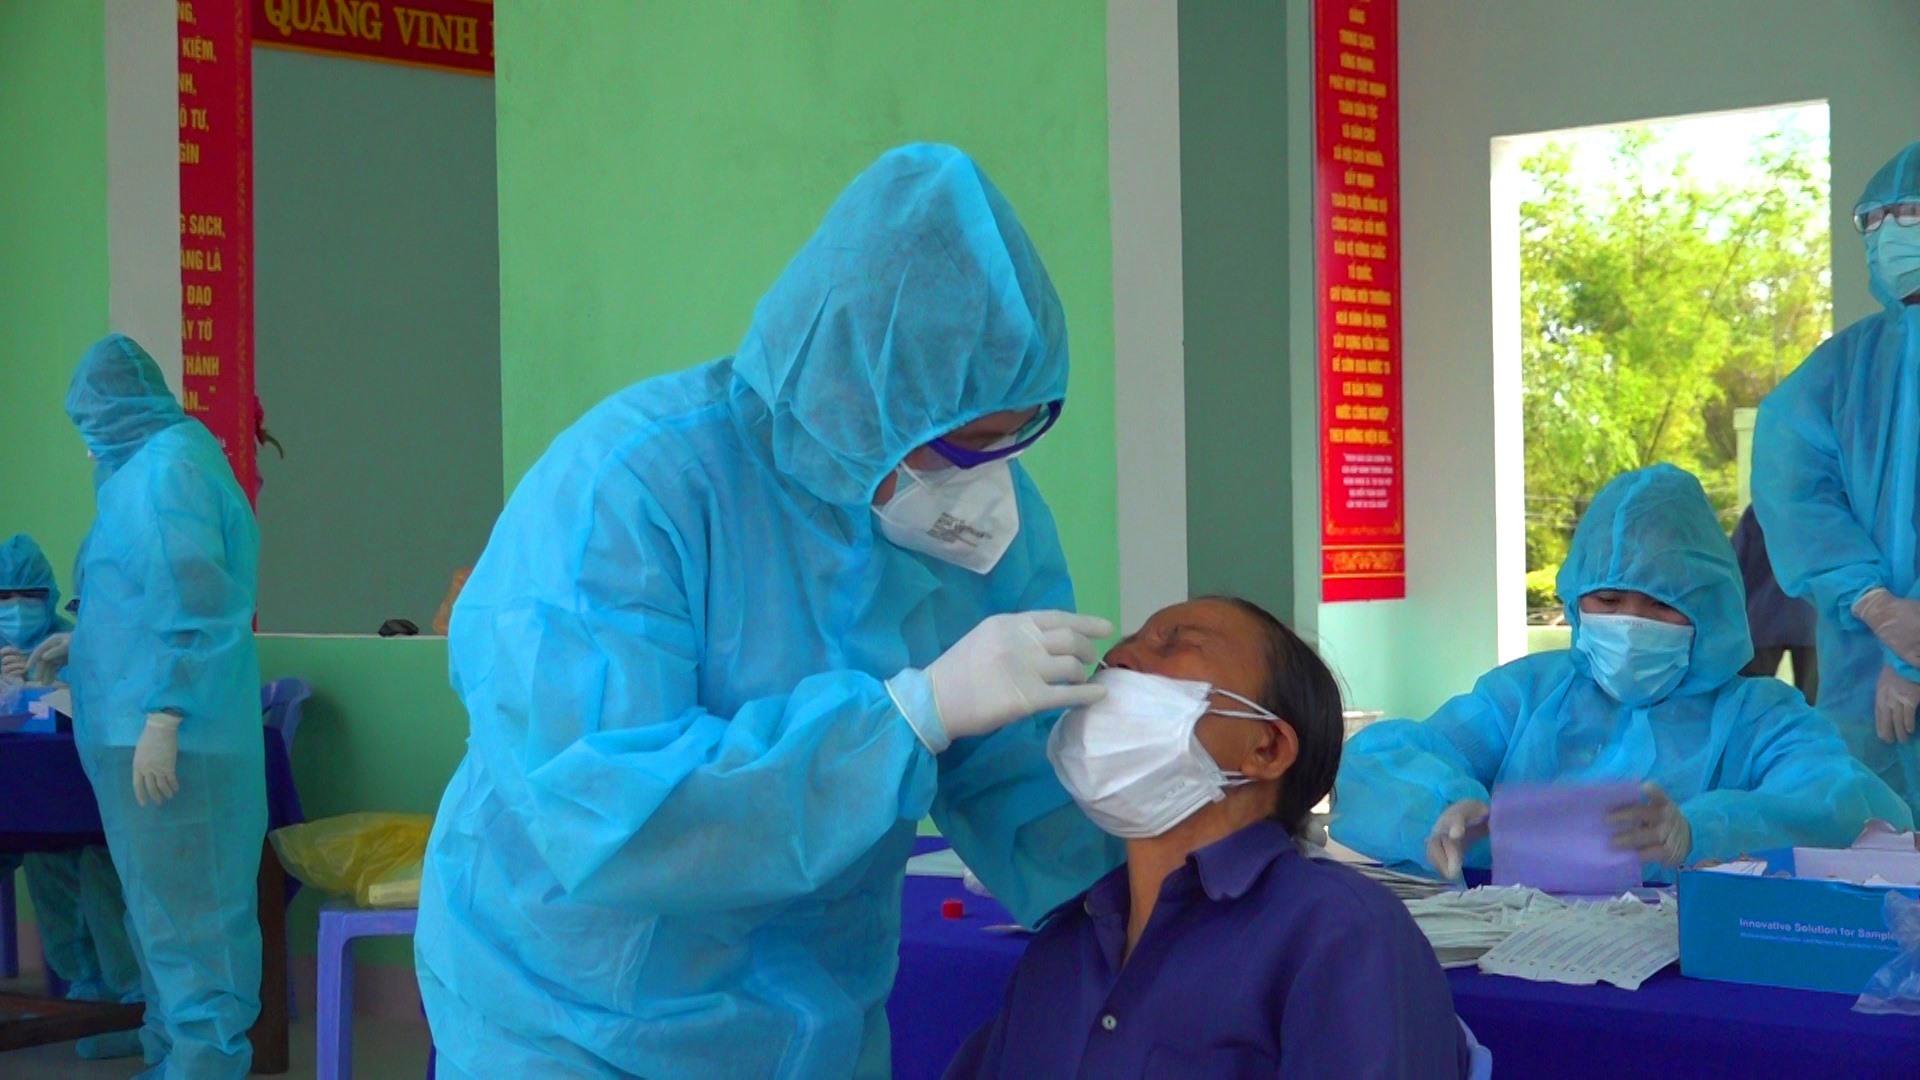 Lấy mẫu xét nghiệm cho người dân tại phường Điện Ngọc.